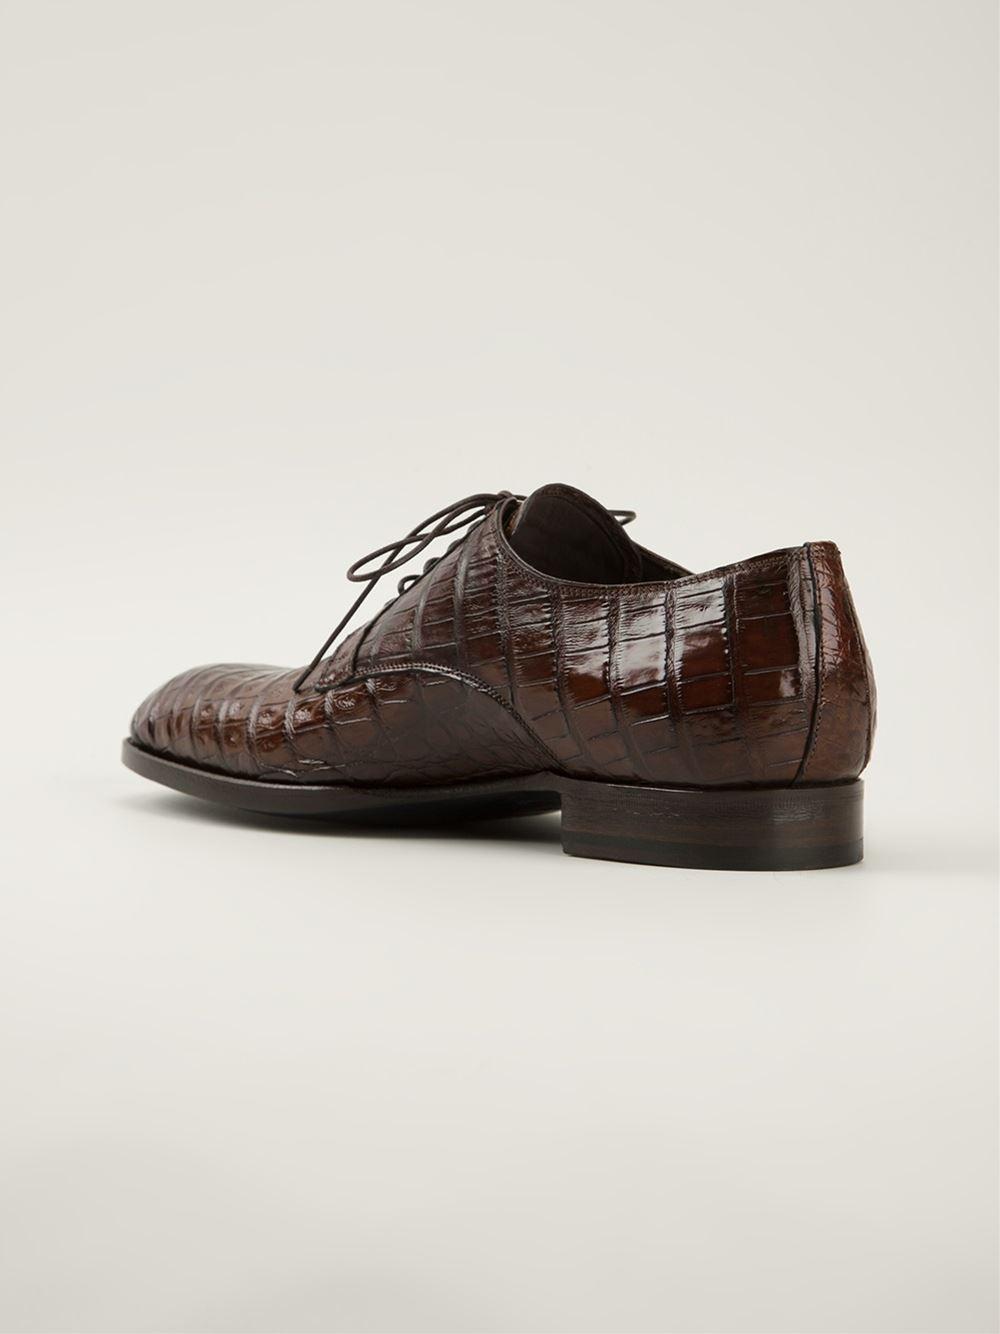 Armani Jeans Shoes Online